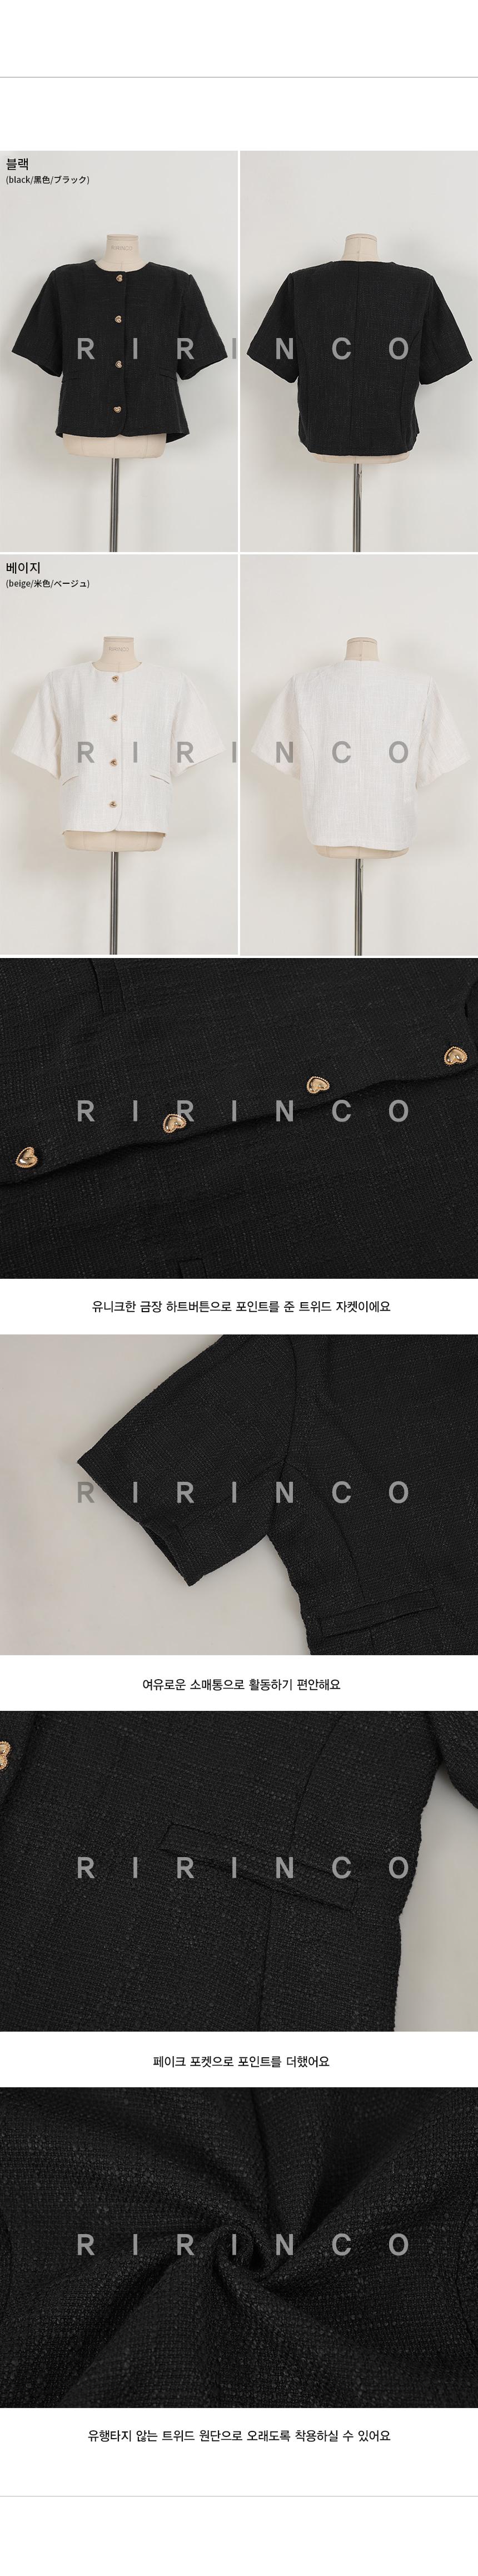 RIRINCO ハートボタンノーカラーラウンドネックジャケット